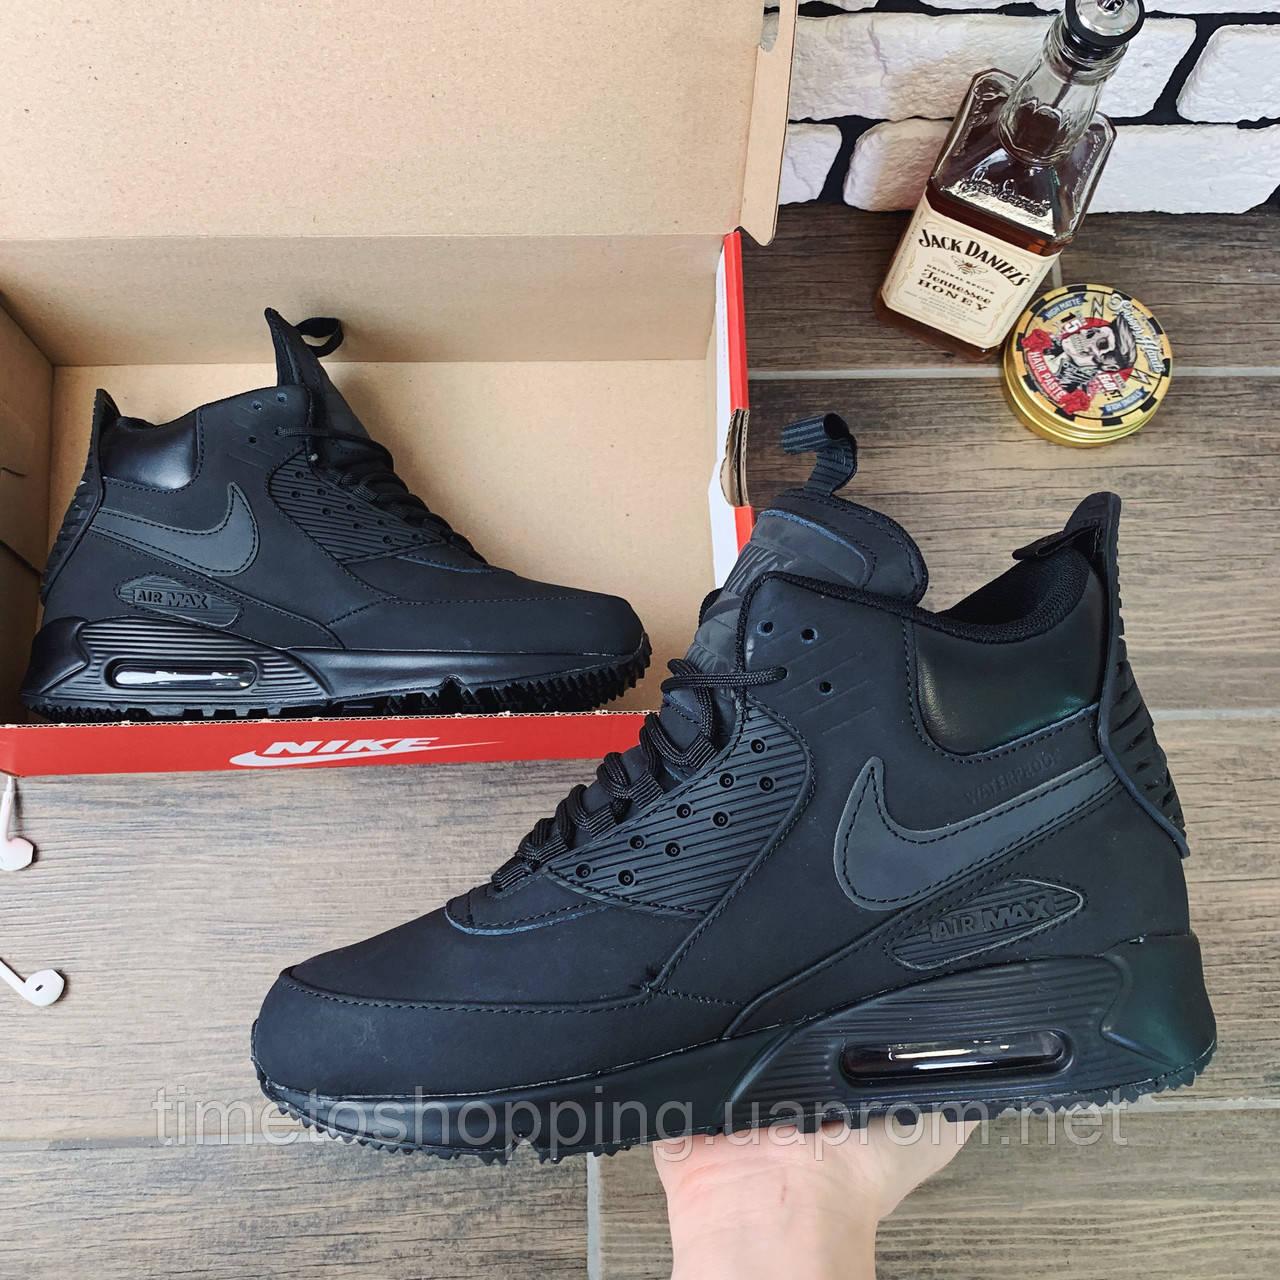 Термо-кросівки чоловічі Nike Air Max 1181 ⏩ [ 41,42,43,44 ]